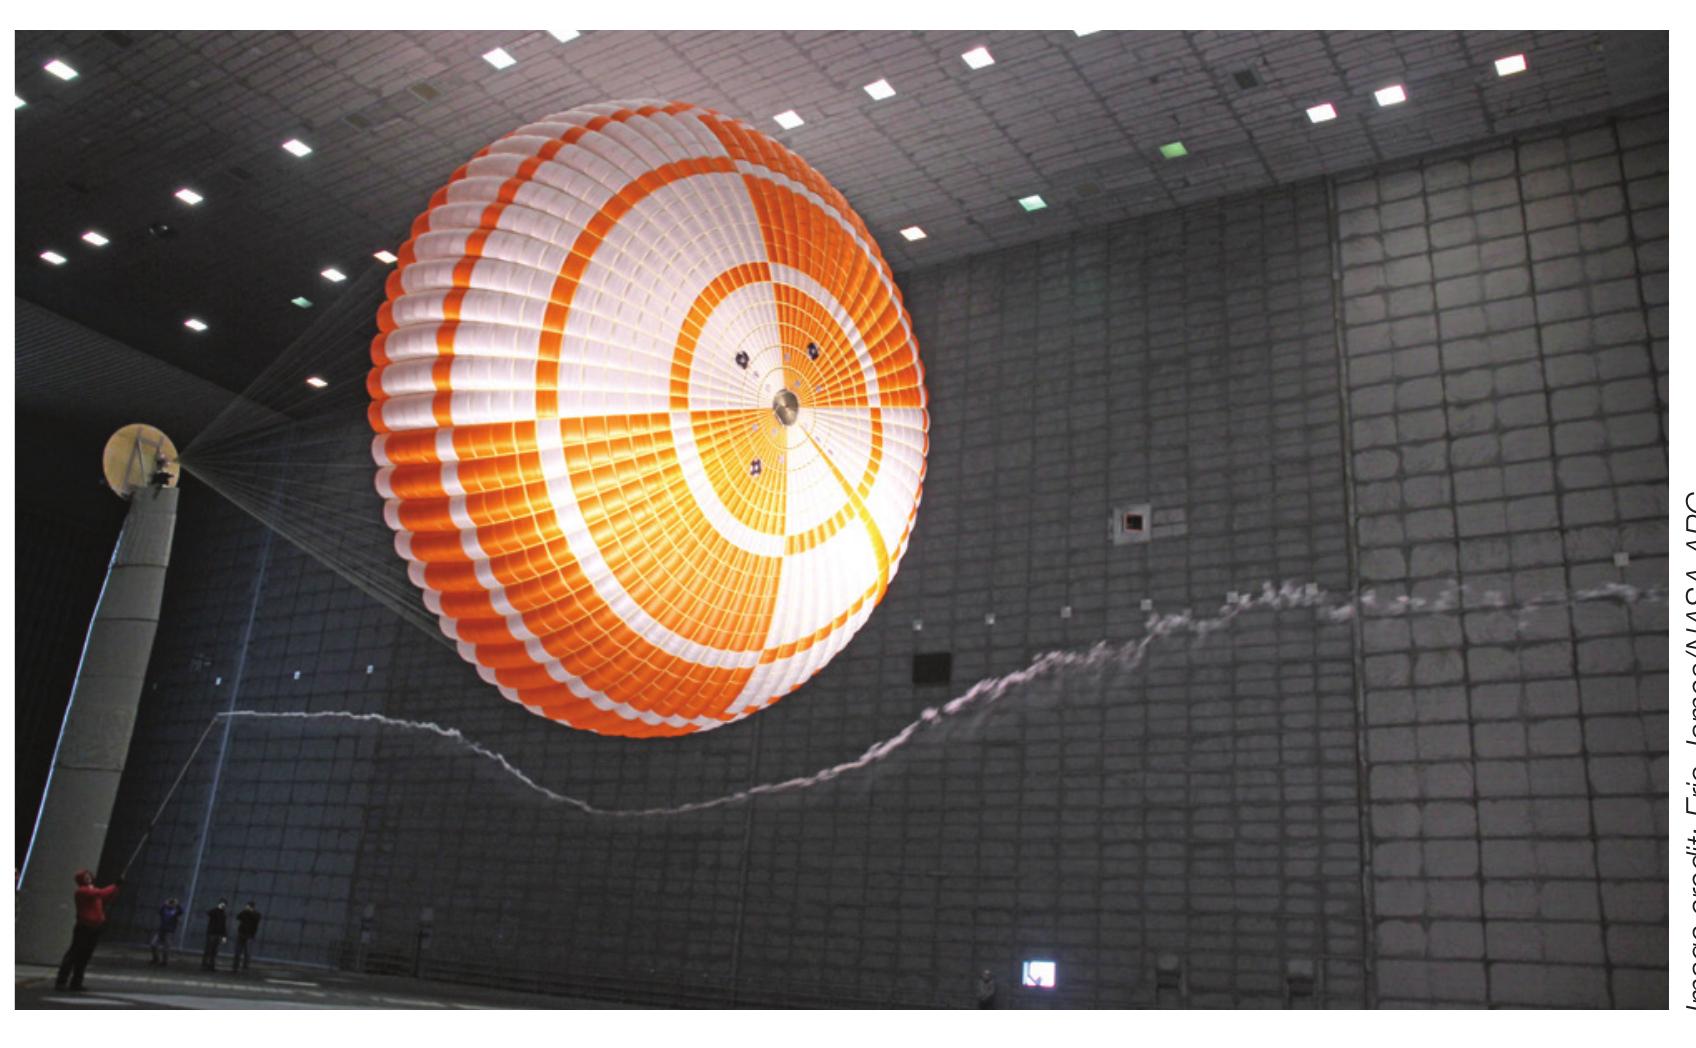 Il prototipo di paracadute in scala 1/3 durante i test in galleria del vento. Credits: NASA